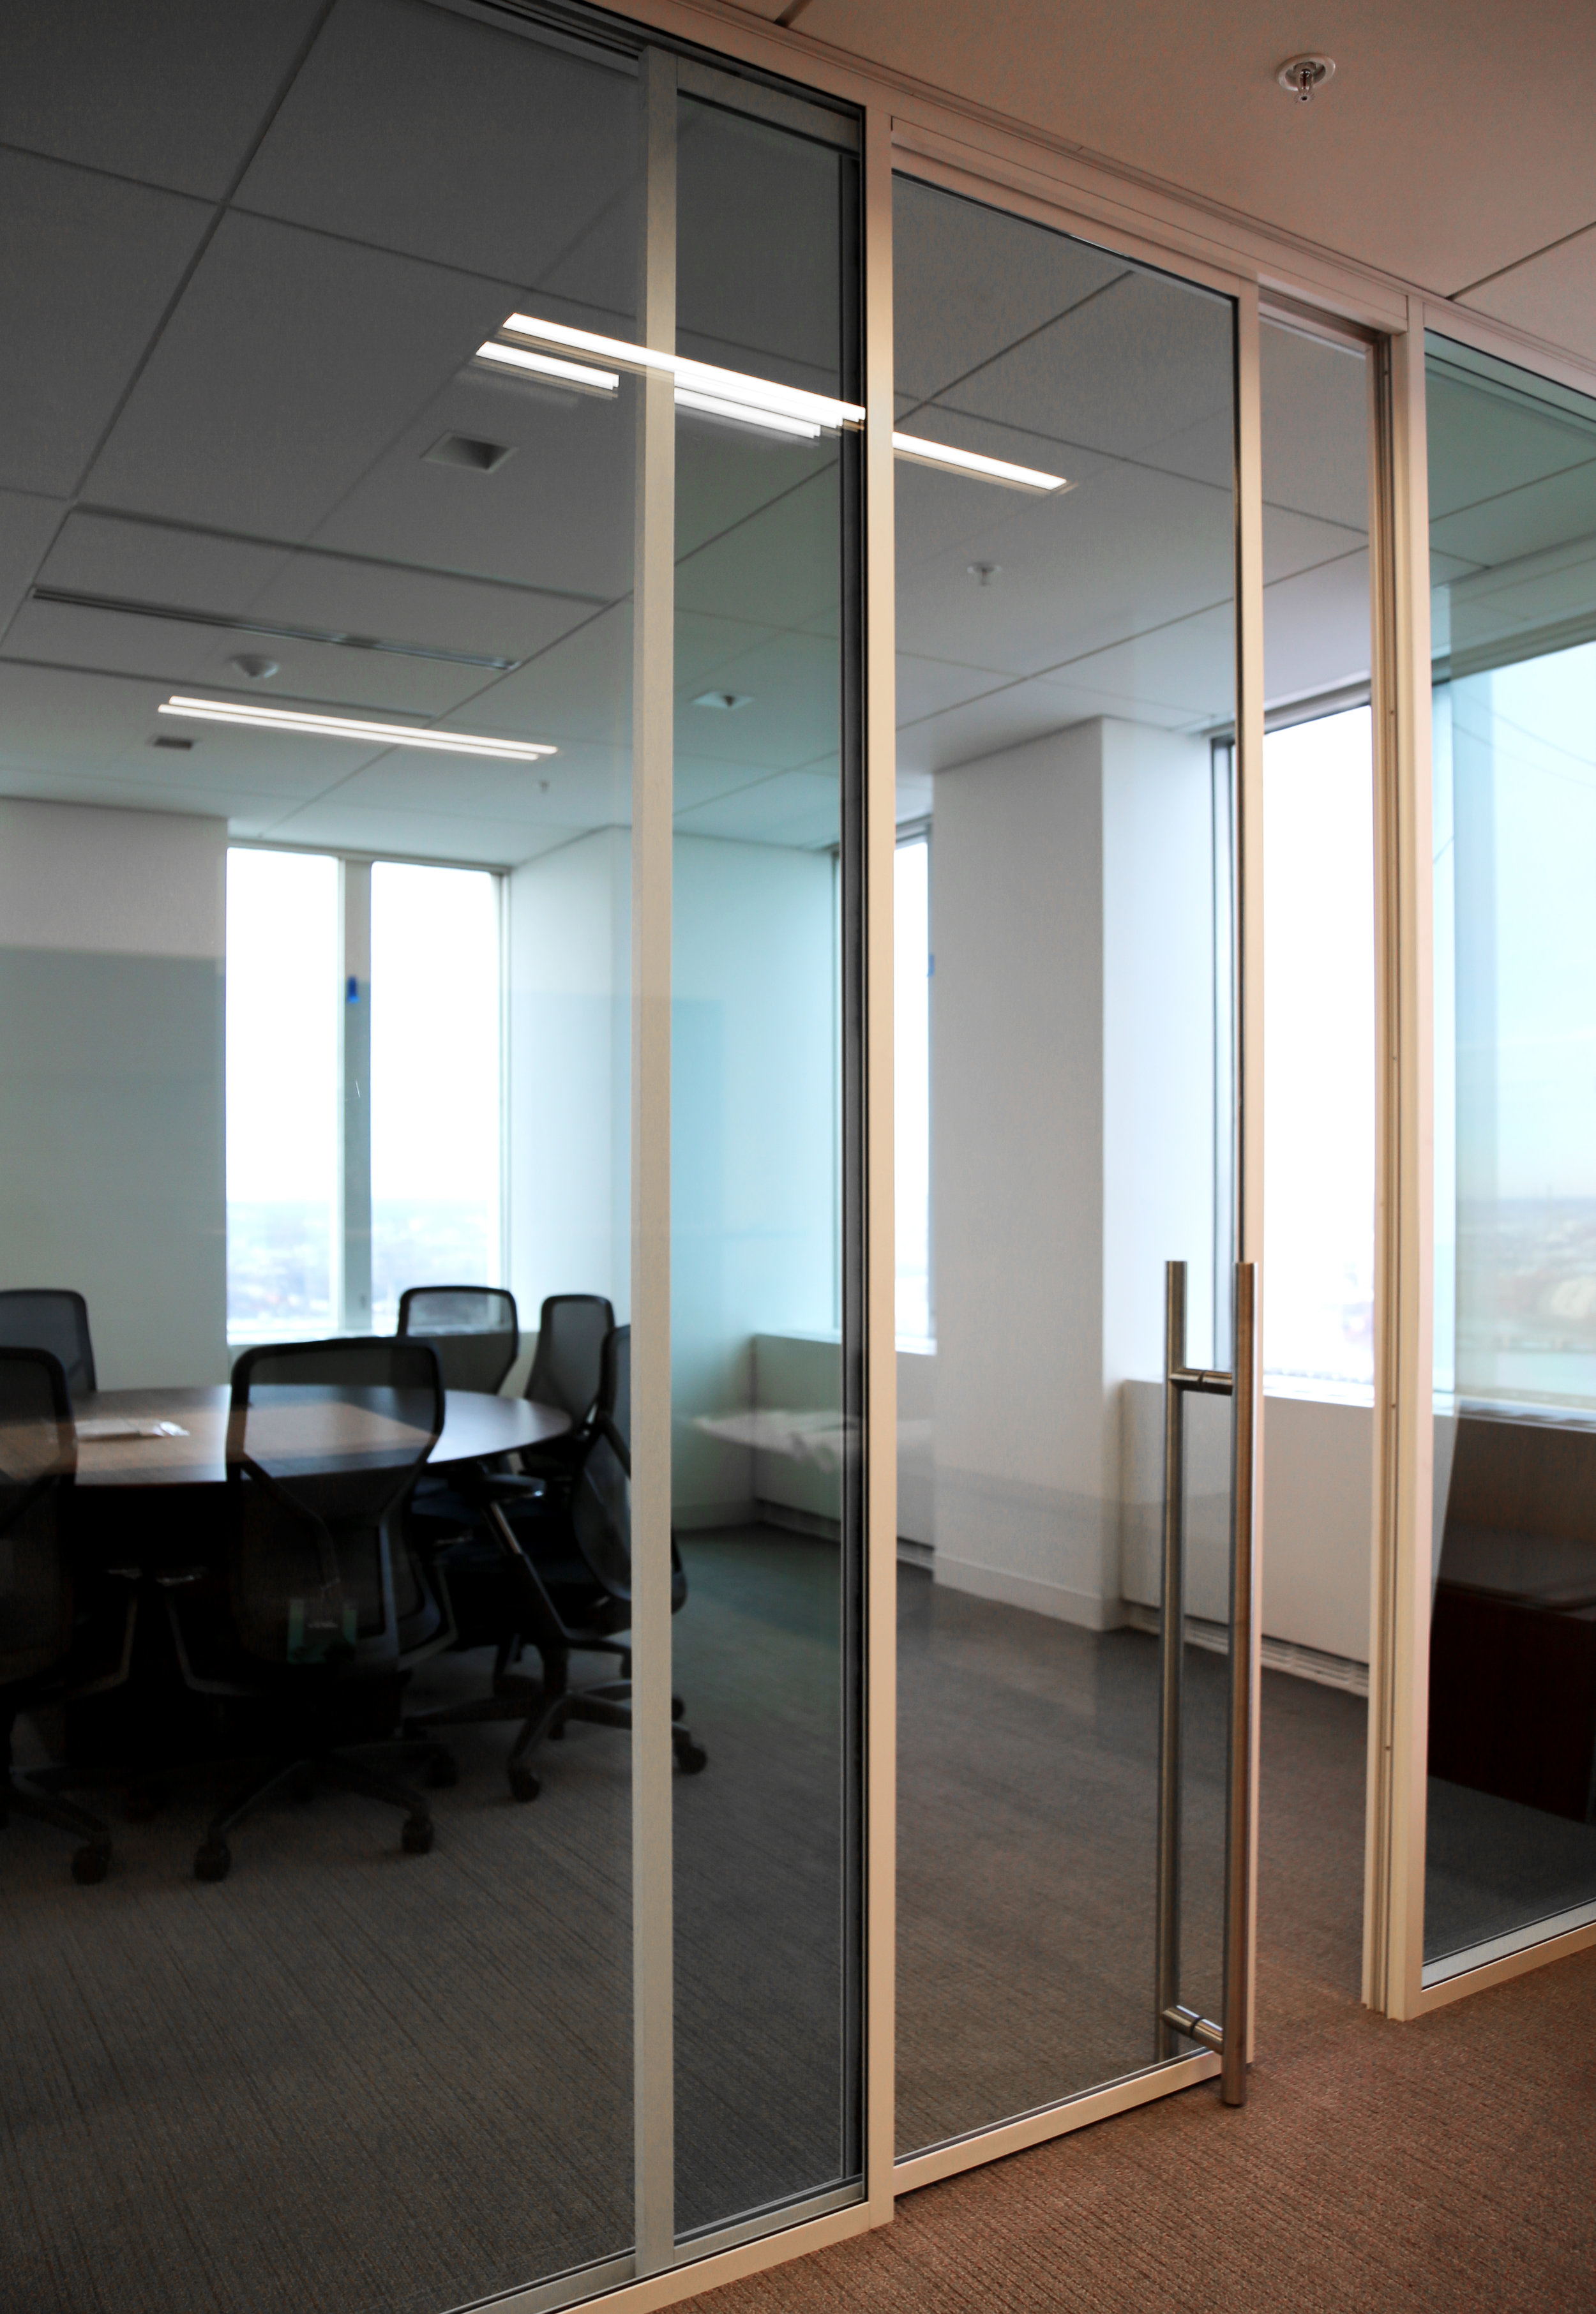 Modernus White Aluminum Framed Wall System - Spaceworks AI.jpg